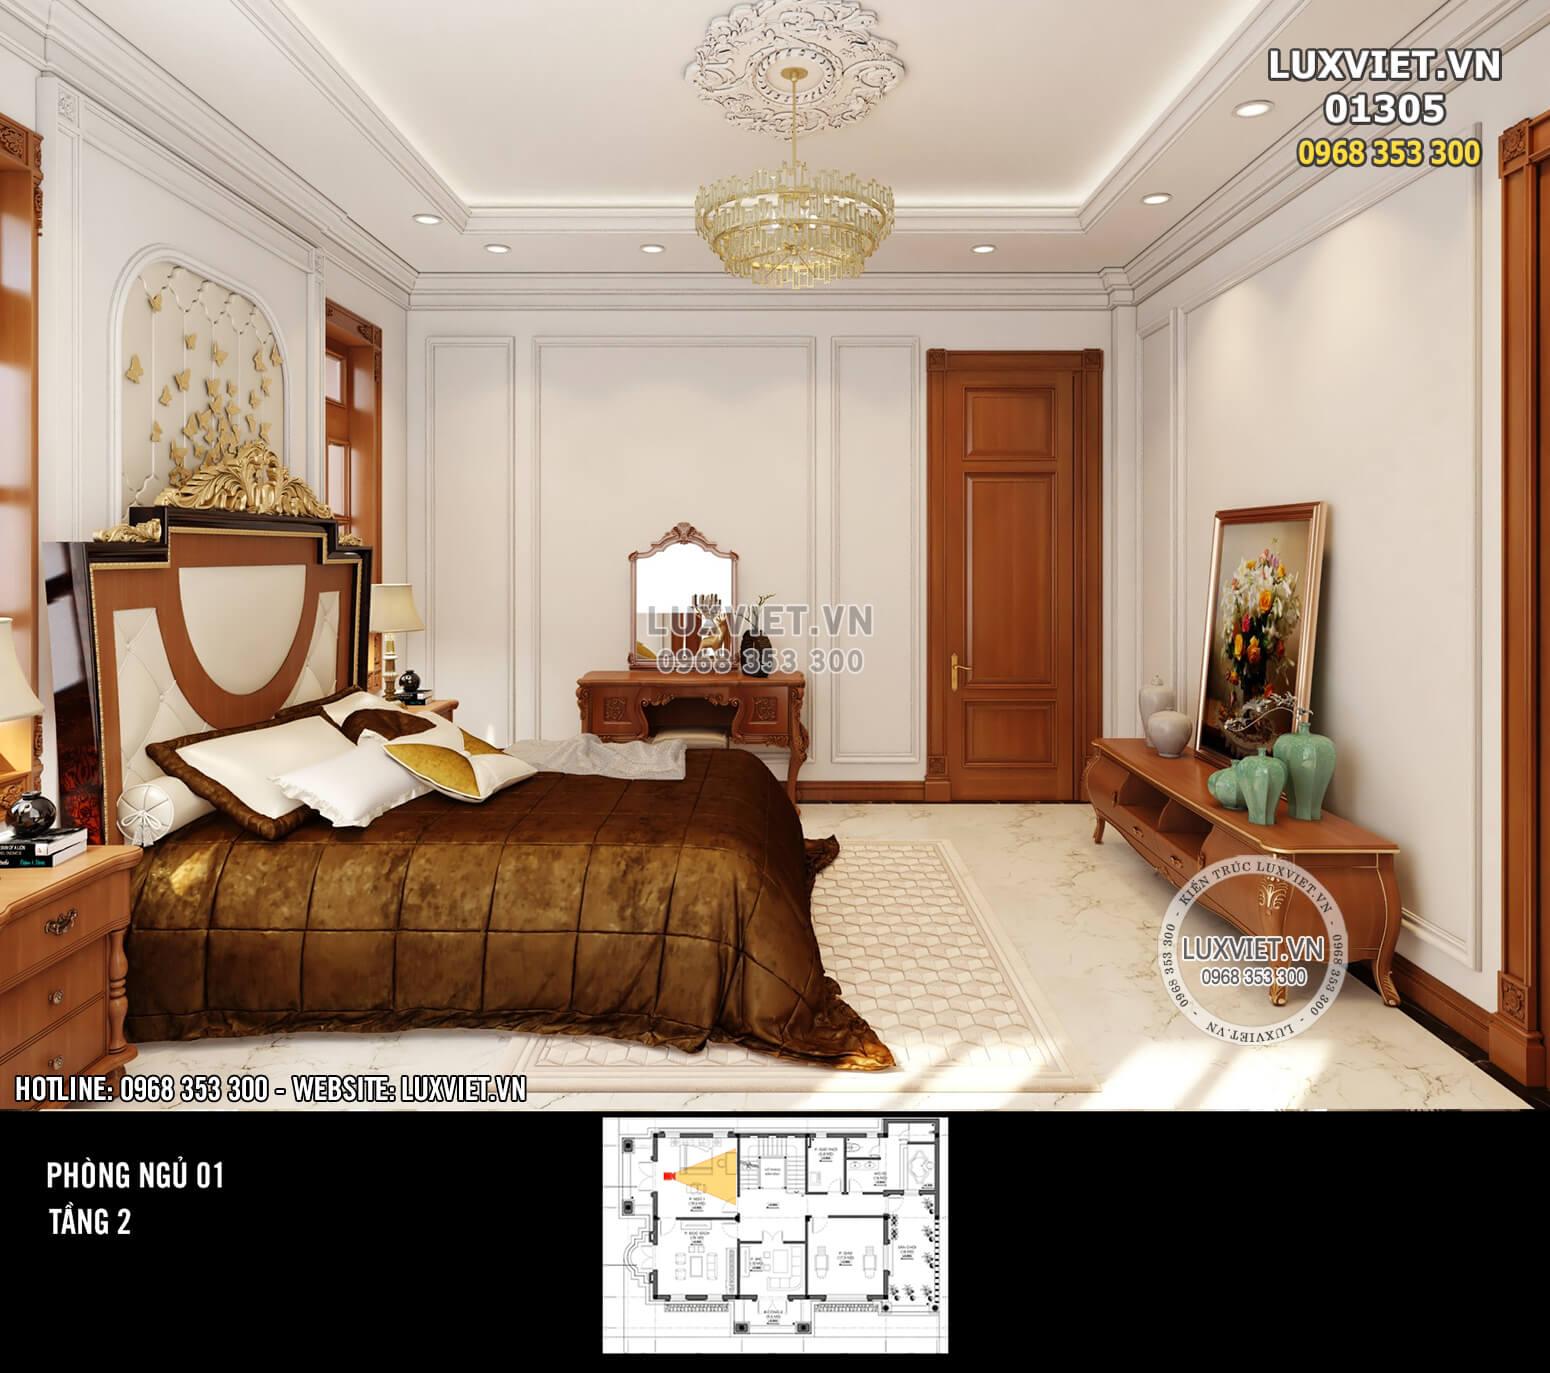 Hình ảnh: Nội thất phòng ngủ đẹp thời thượng - LV 01305